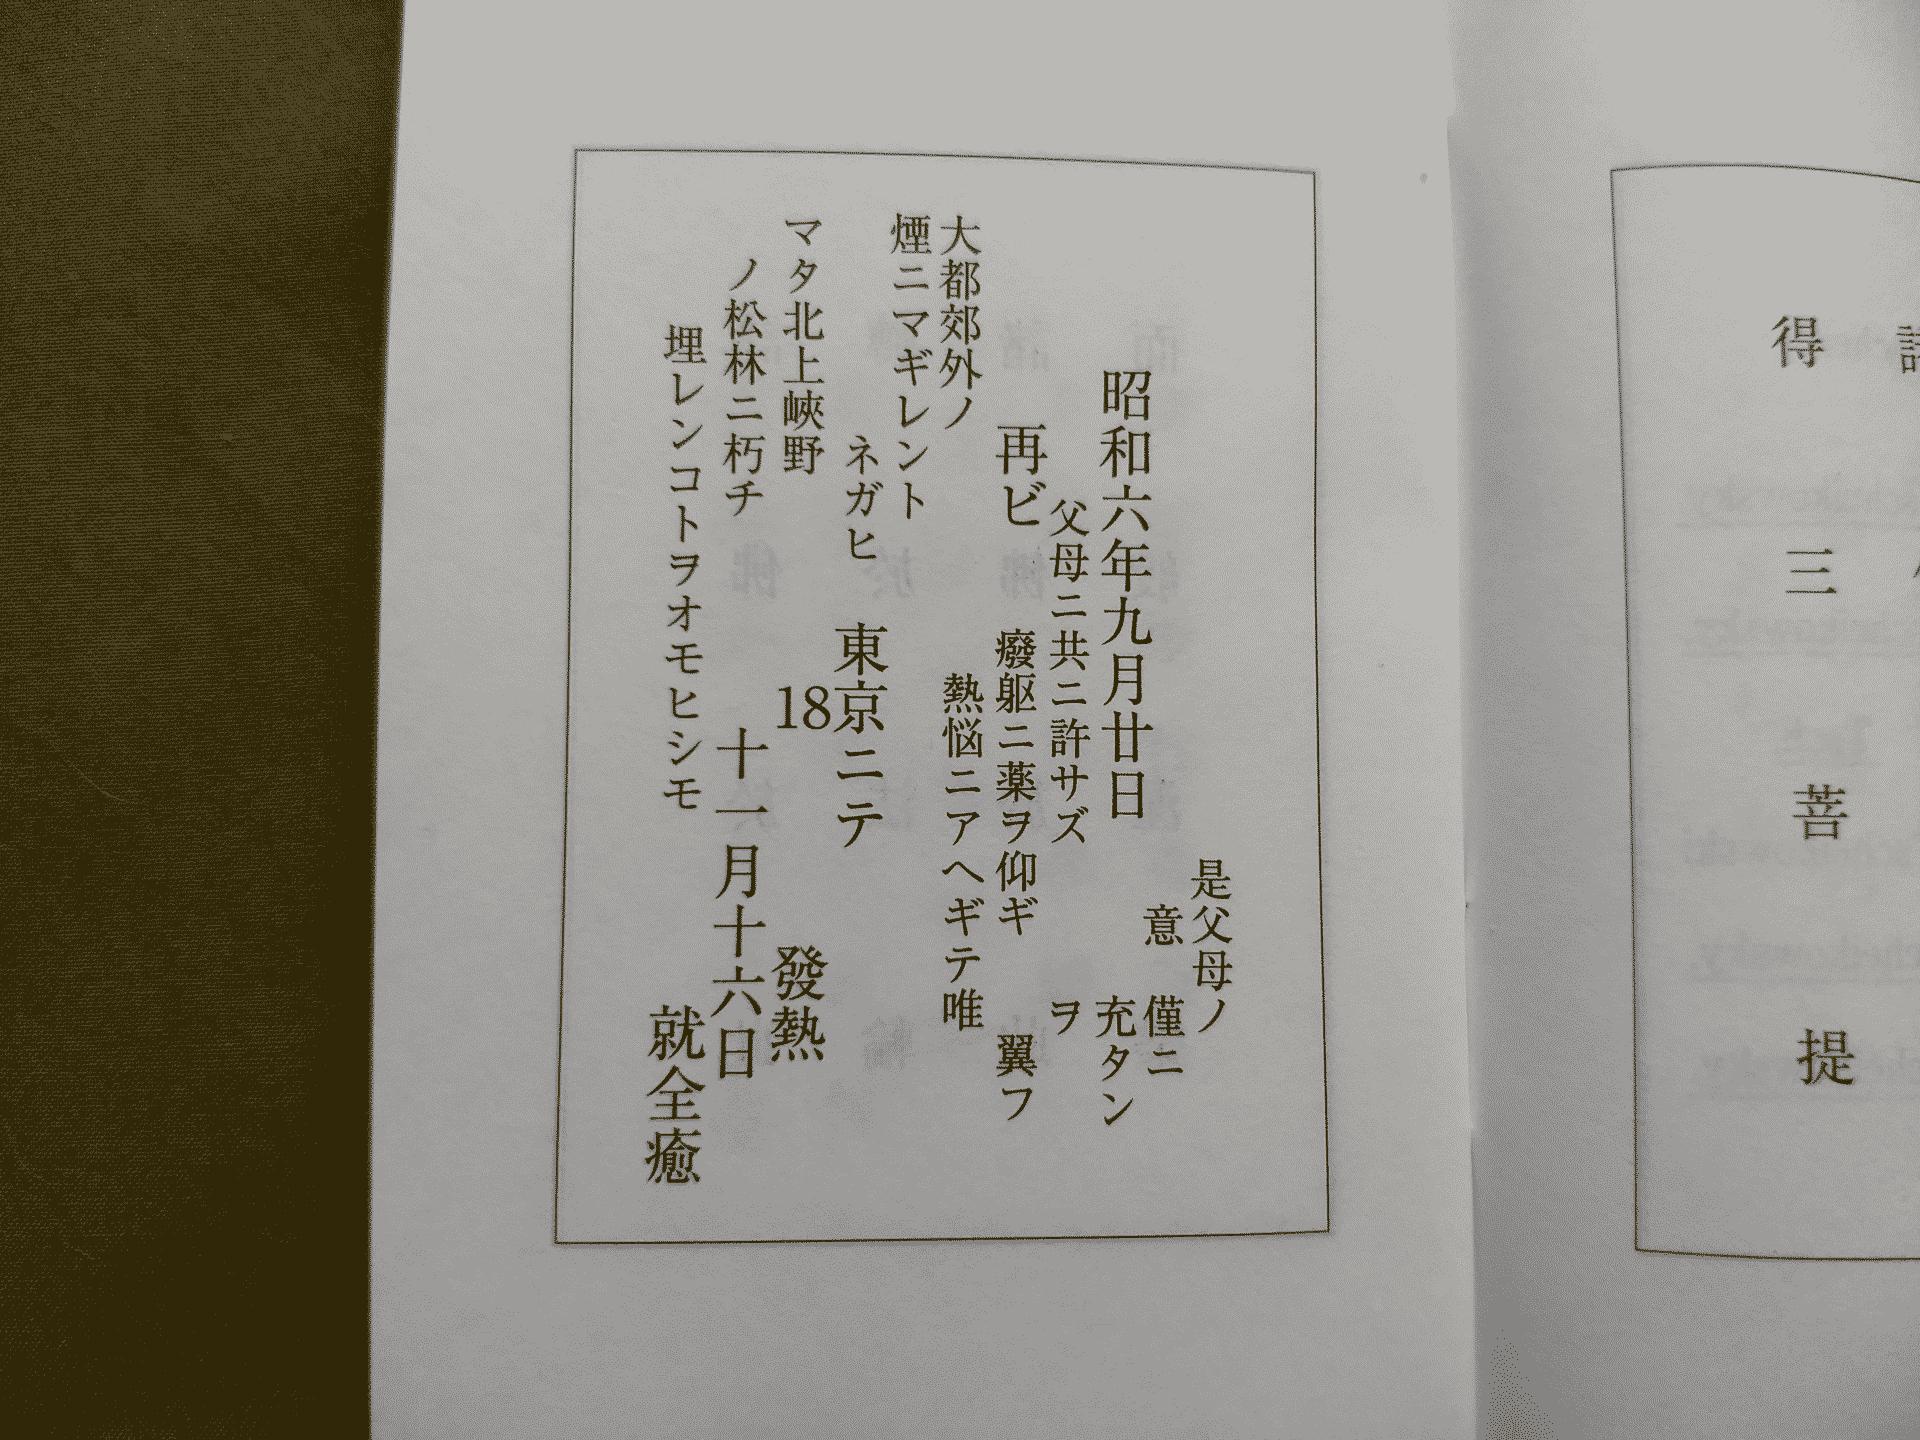 「雨ニモマケズ手帳」の「再ビ東京ニテ発熱」の解説ページ